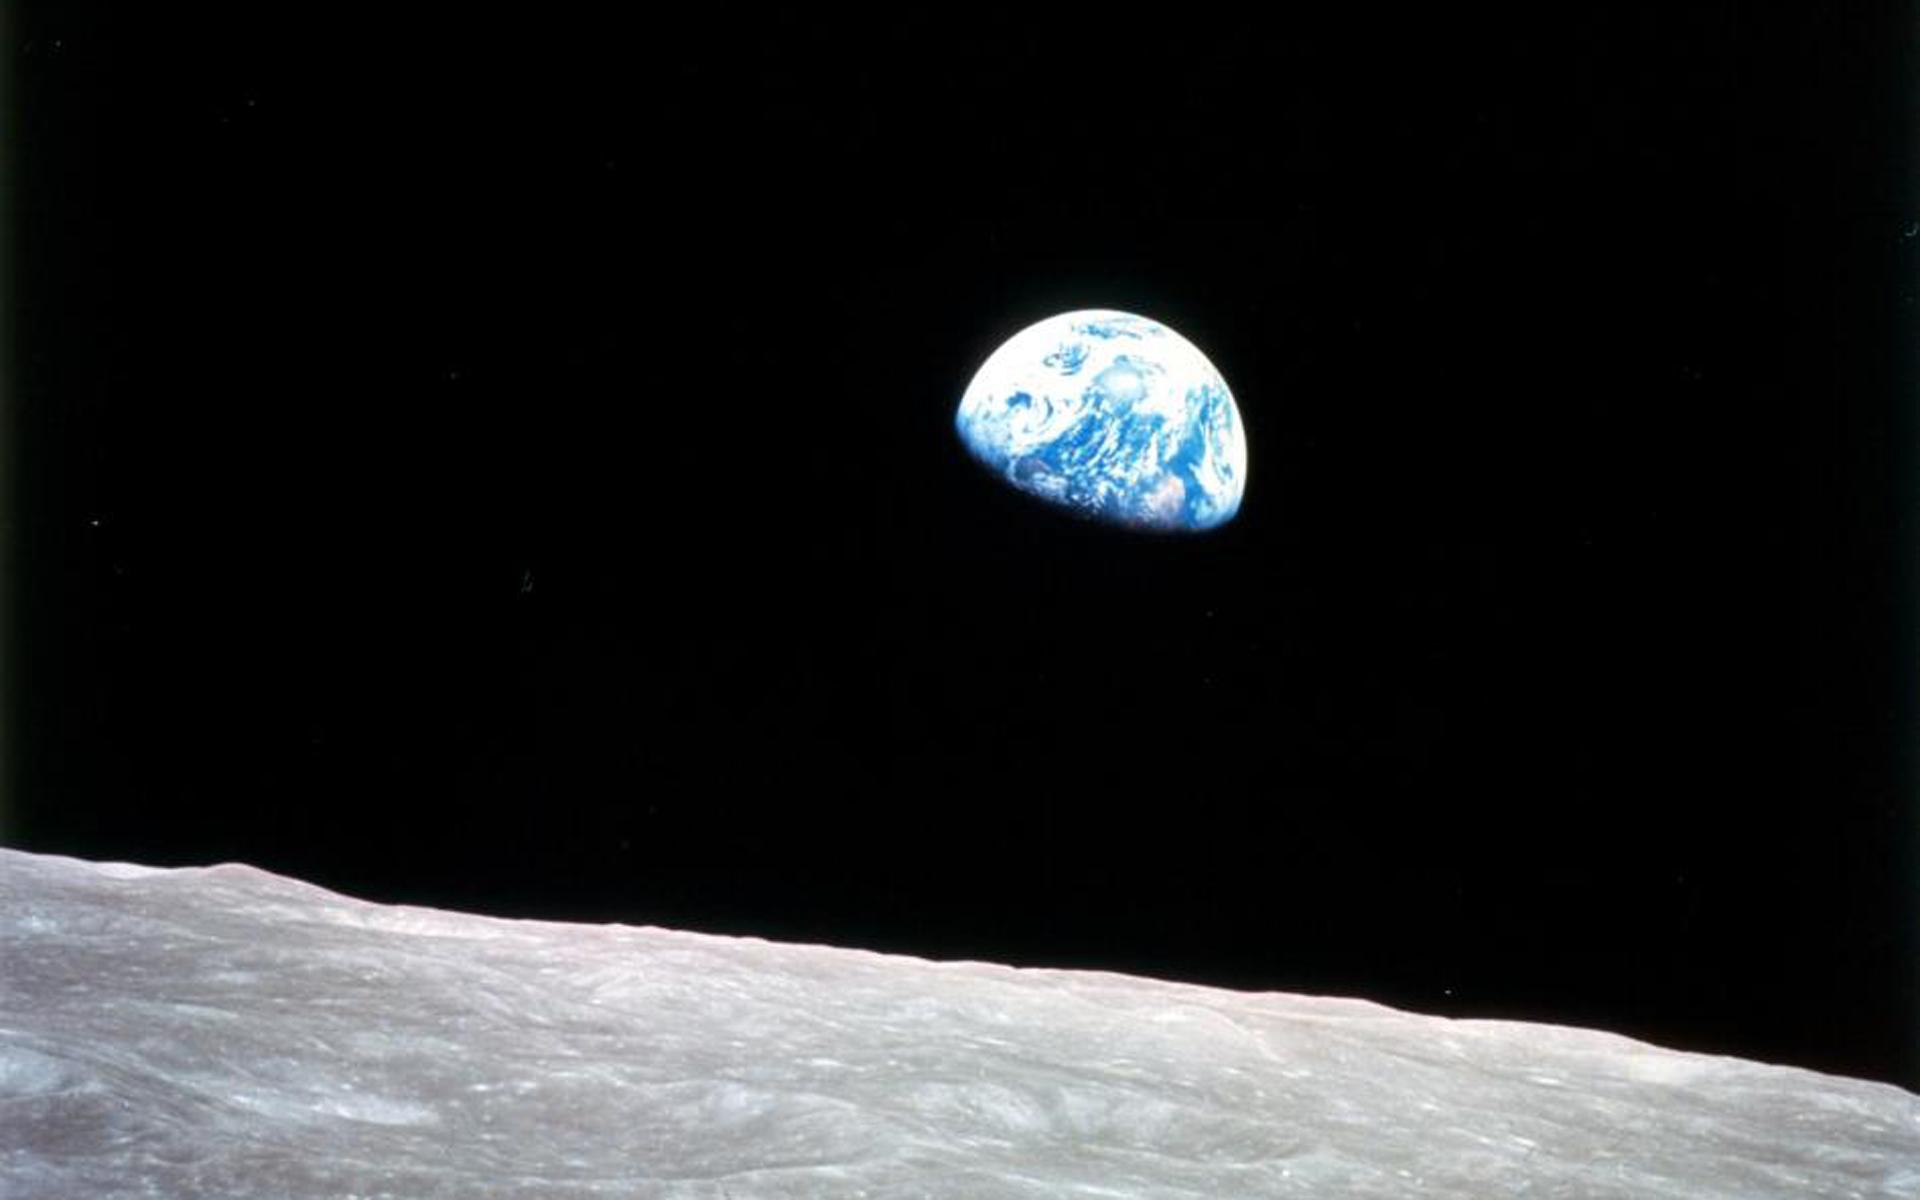 Earthrise (1968) courtesy of NASA.